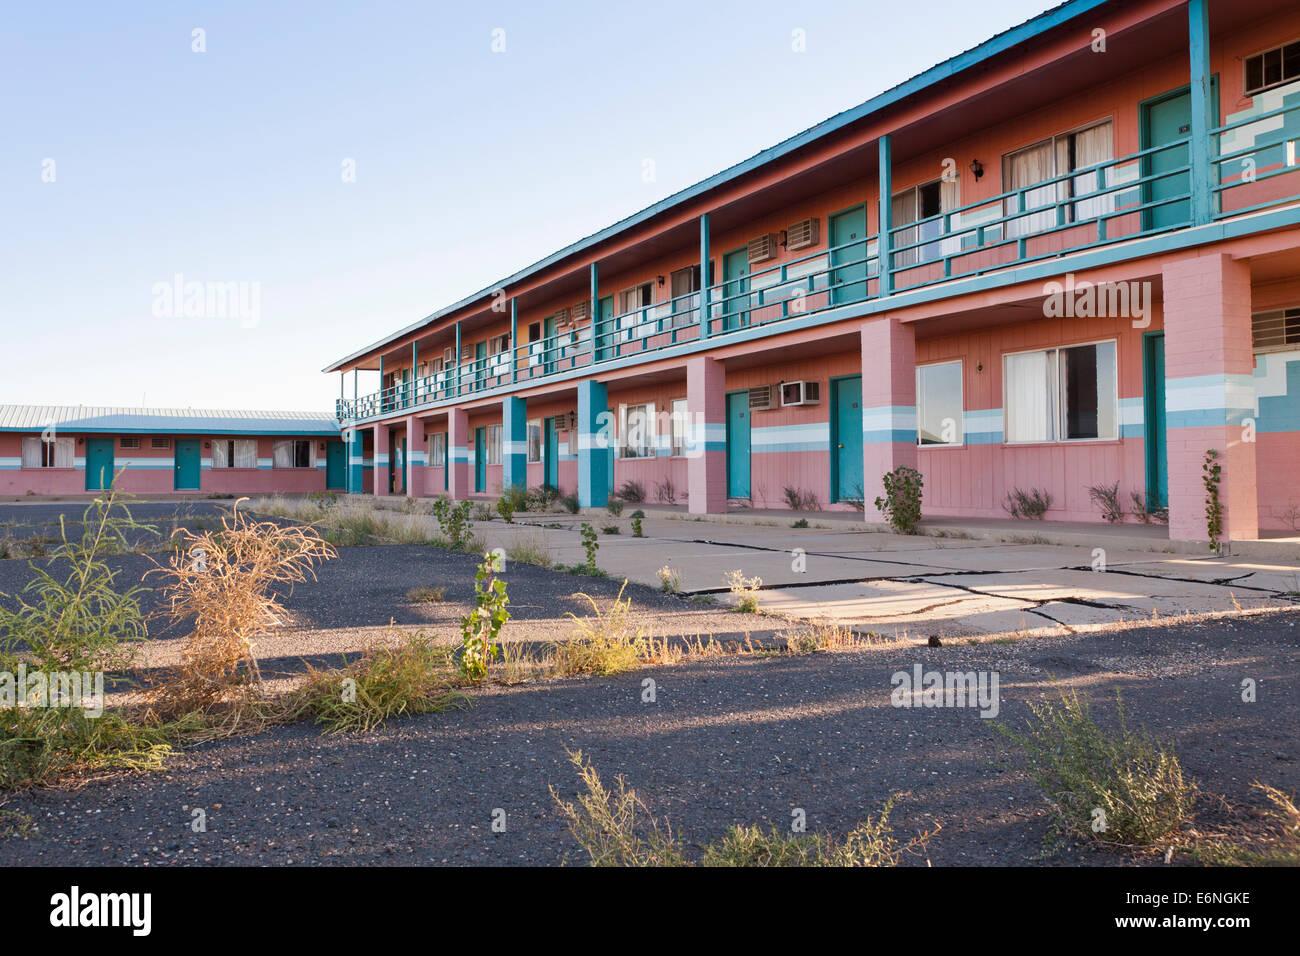 Abandoned motel (deserted building) - Arizona USA - Stock Image